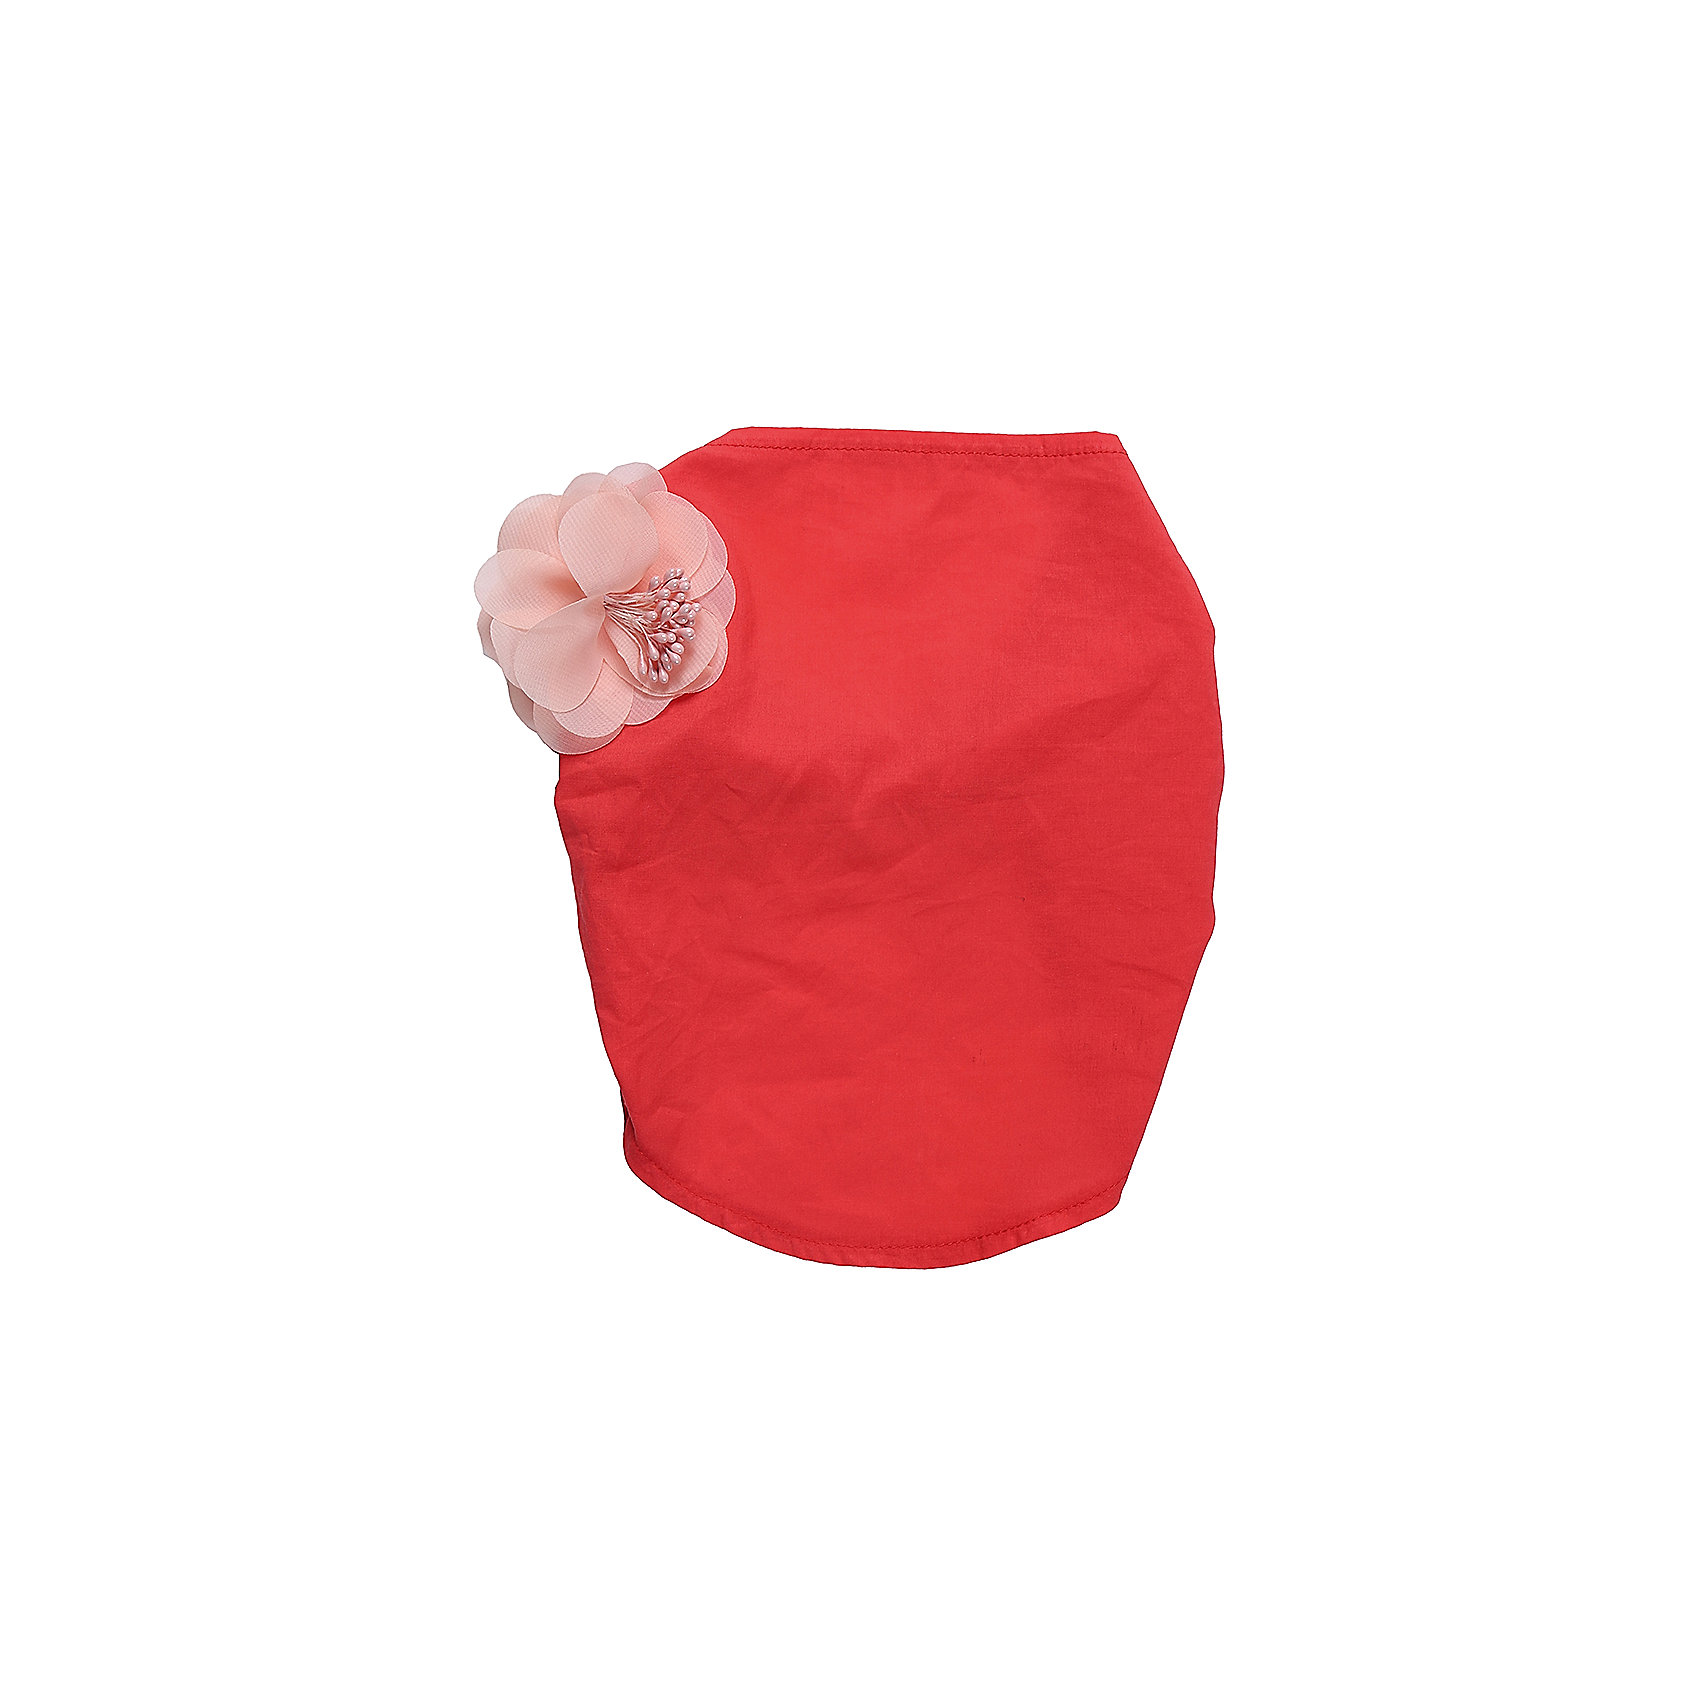 Повязка на голову для девочки Sweet BerryГоловные уборы<br>Характеристики товара:<br><br>• цвет: красный<br>• состав: 100% хлопок<br>• декорирована цветком<br>• фиксируется резинкой<br>• мягкий трикотаж<br>• страна бренда: Российская Федерация<br><br>Повязку на голову для девочки от популярного бренда Sweet Berry (Свит Берри) можно купить в нашем интернет-магазине.<br><br>Ширина мм: 89<br>Глубина мм: 117<br>Высота мм: 44<br>Вес г: 155<br>Цвет: розовый<br>Возраст от месяцев: 48<br>Возраст до месяцев: 60<br>Пол: Женский<br>Возраст: Детский<br>Размер: 50,52,48<br>SKU: 5410835